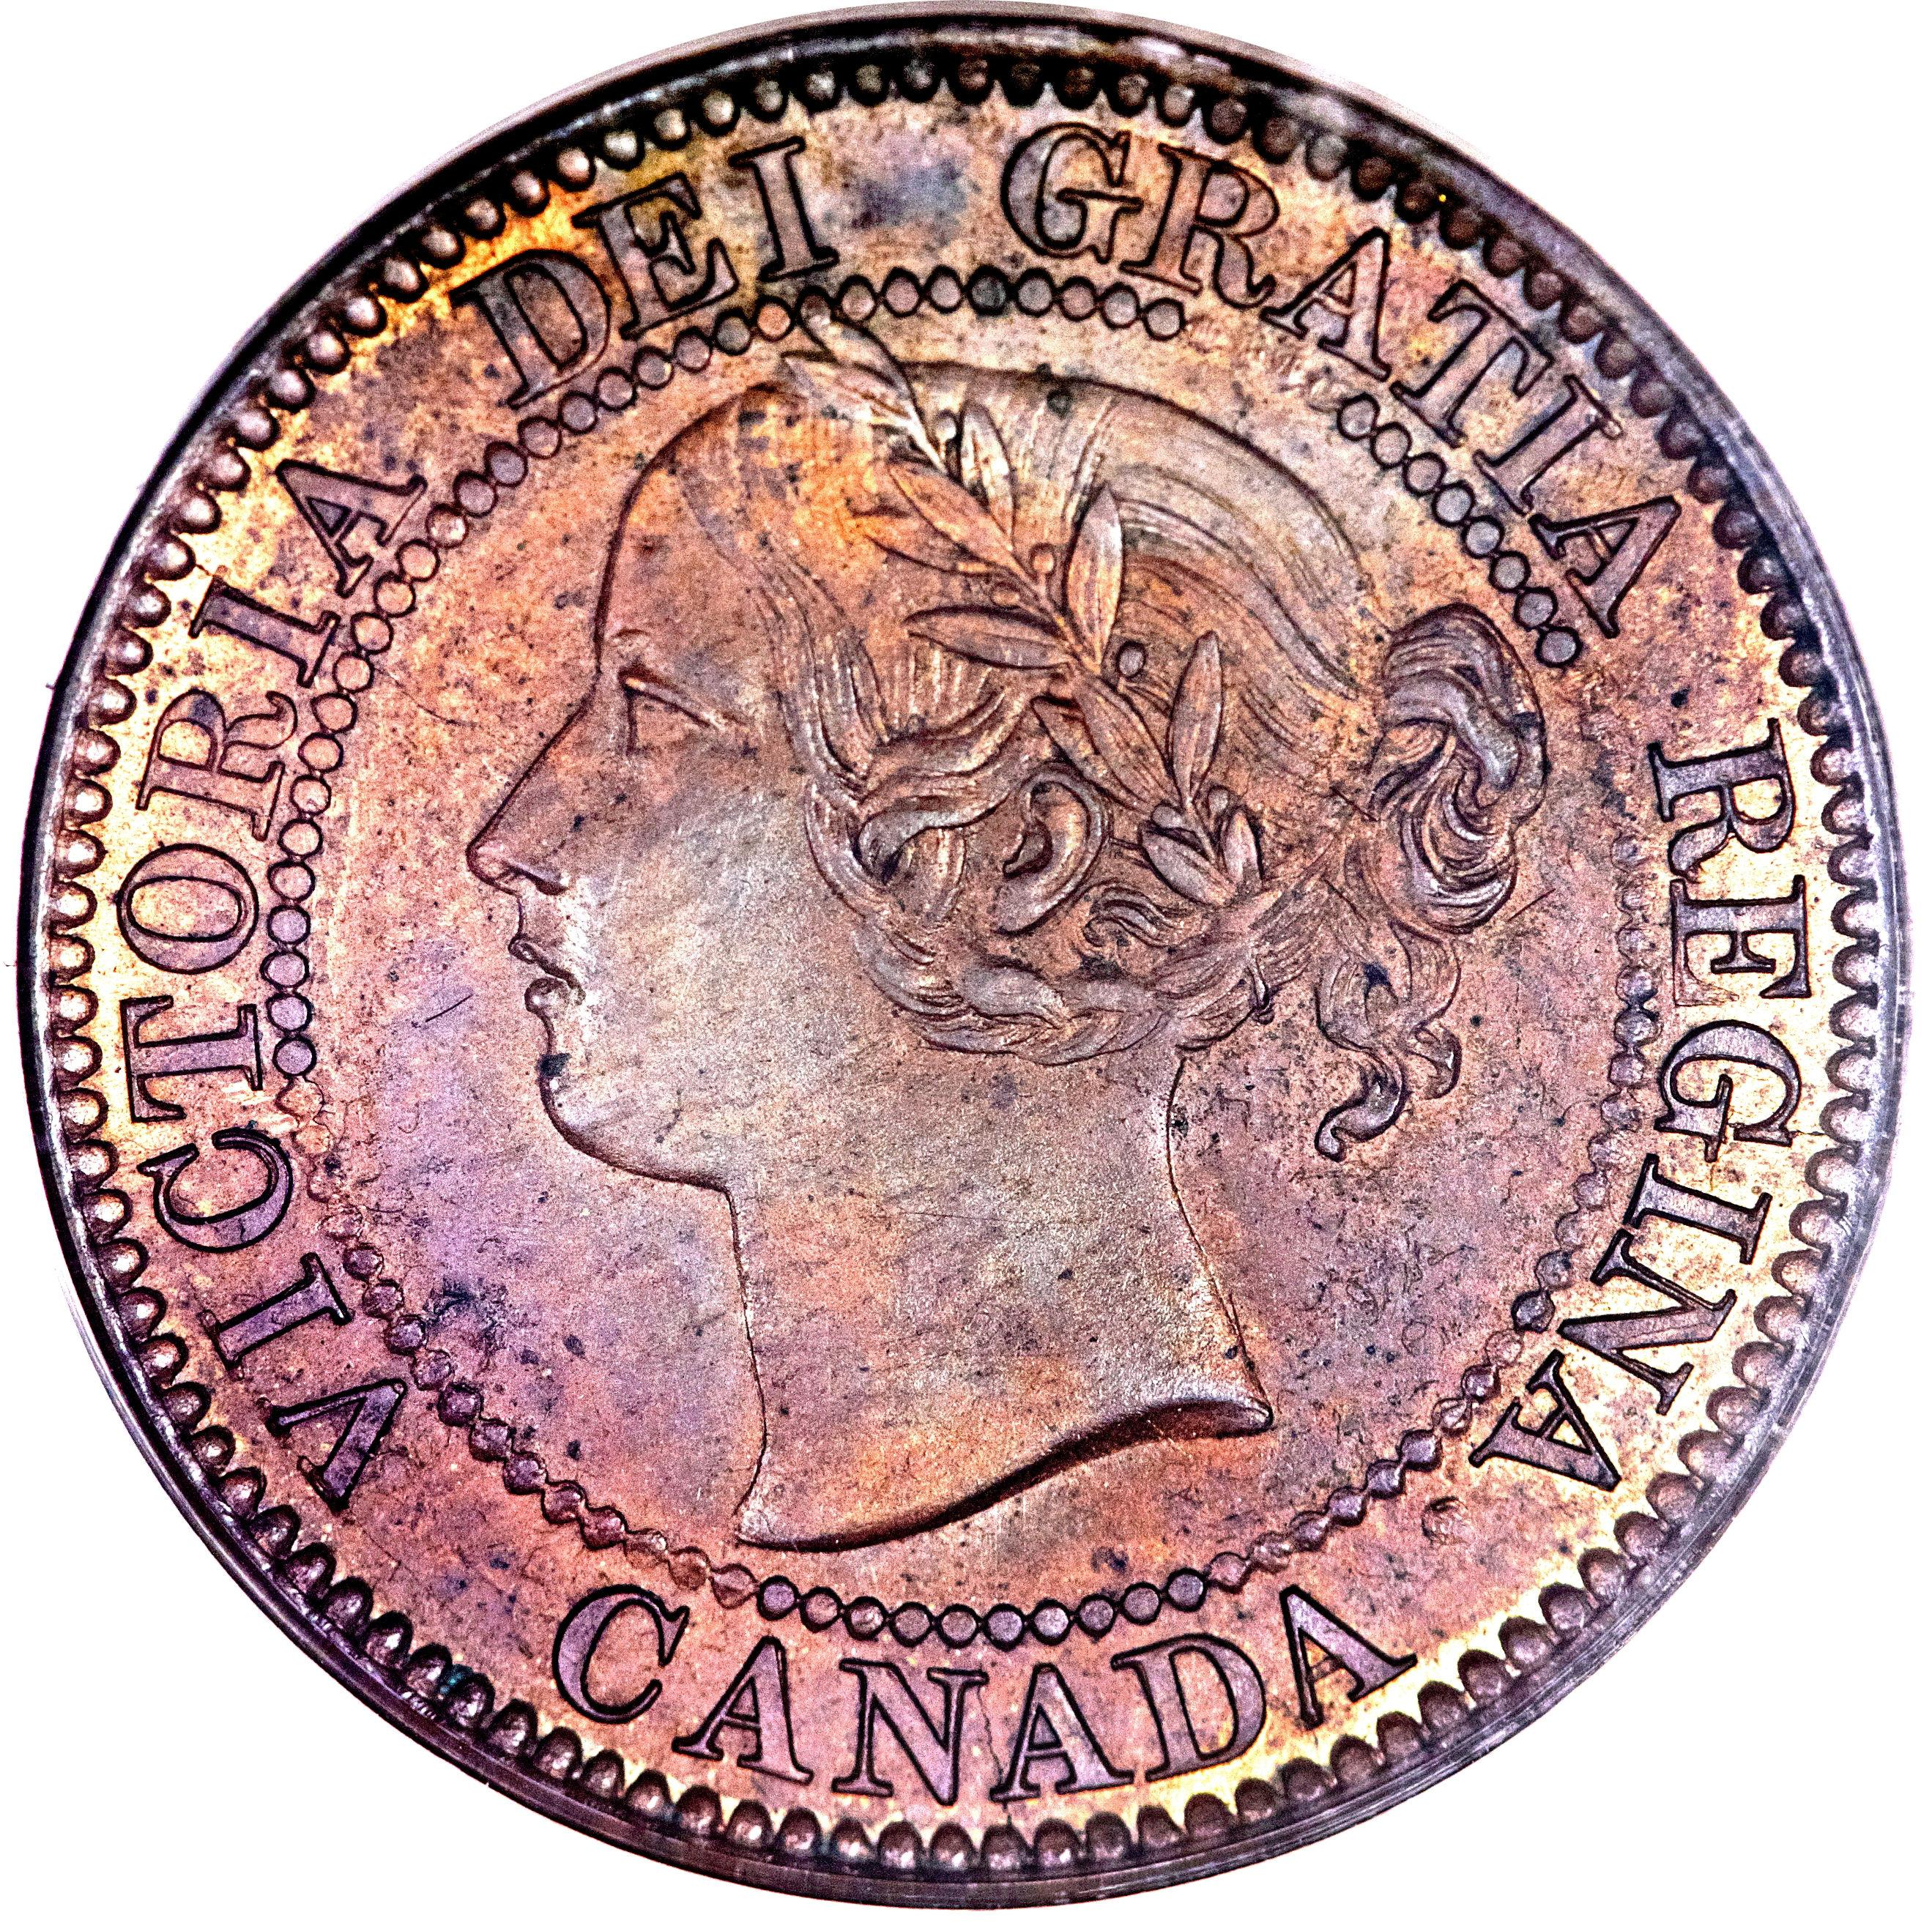 1 Cent - Victoria - Canada – Numista